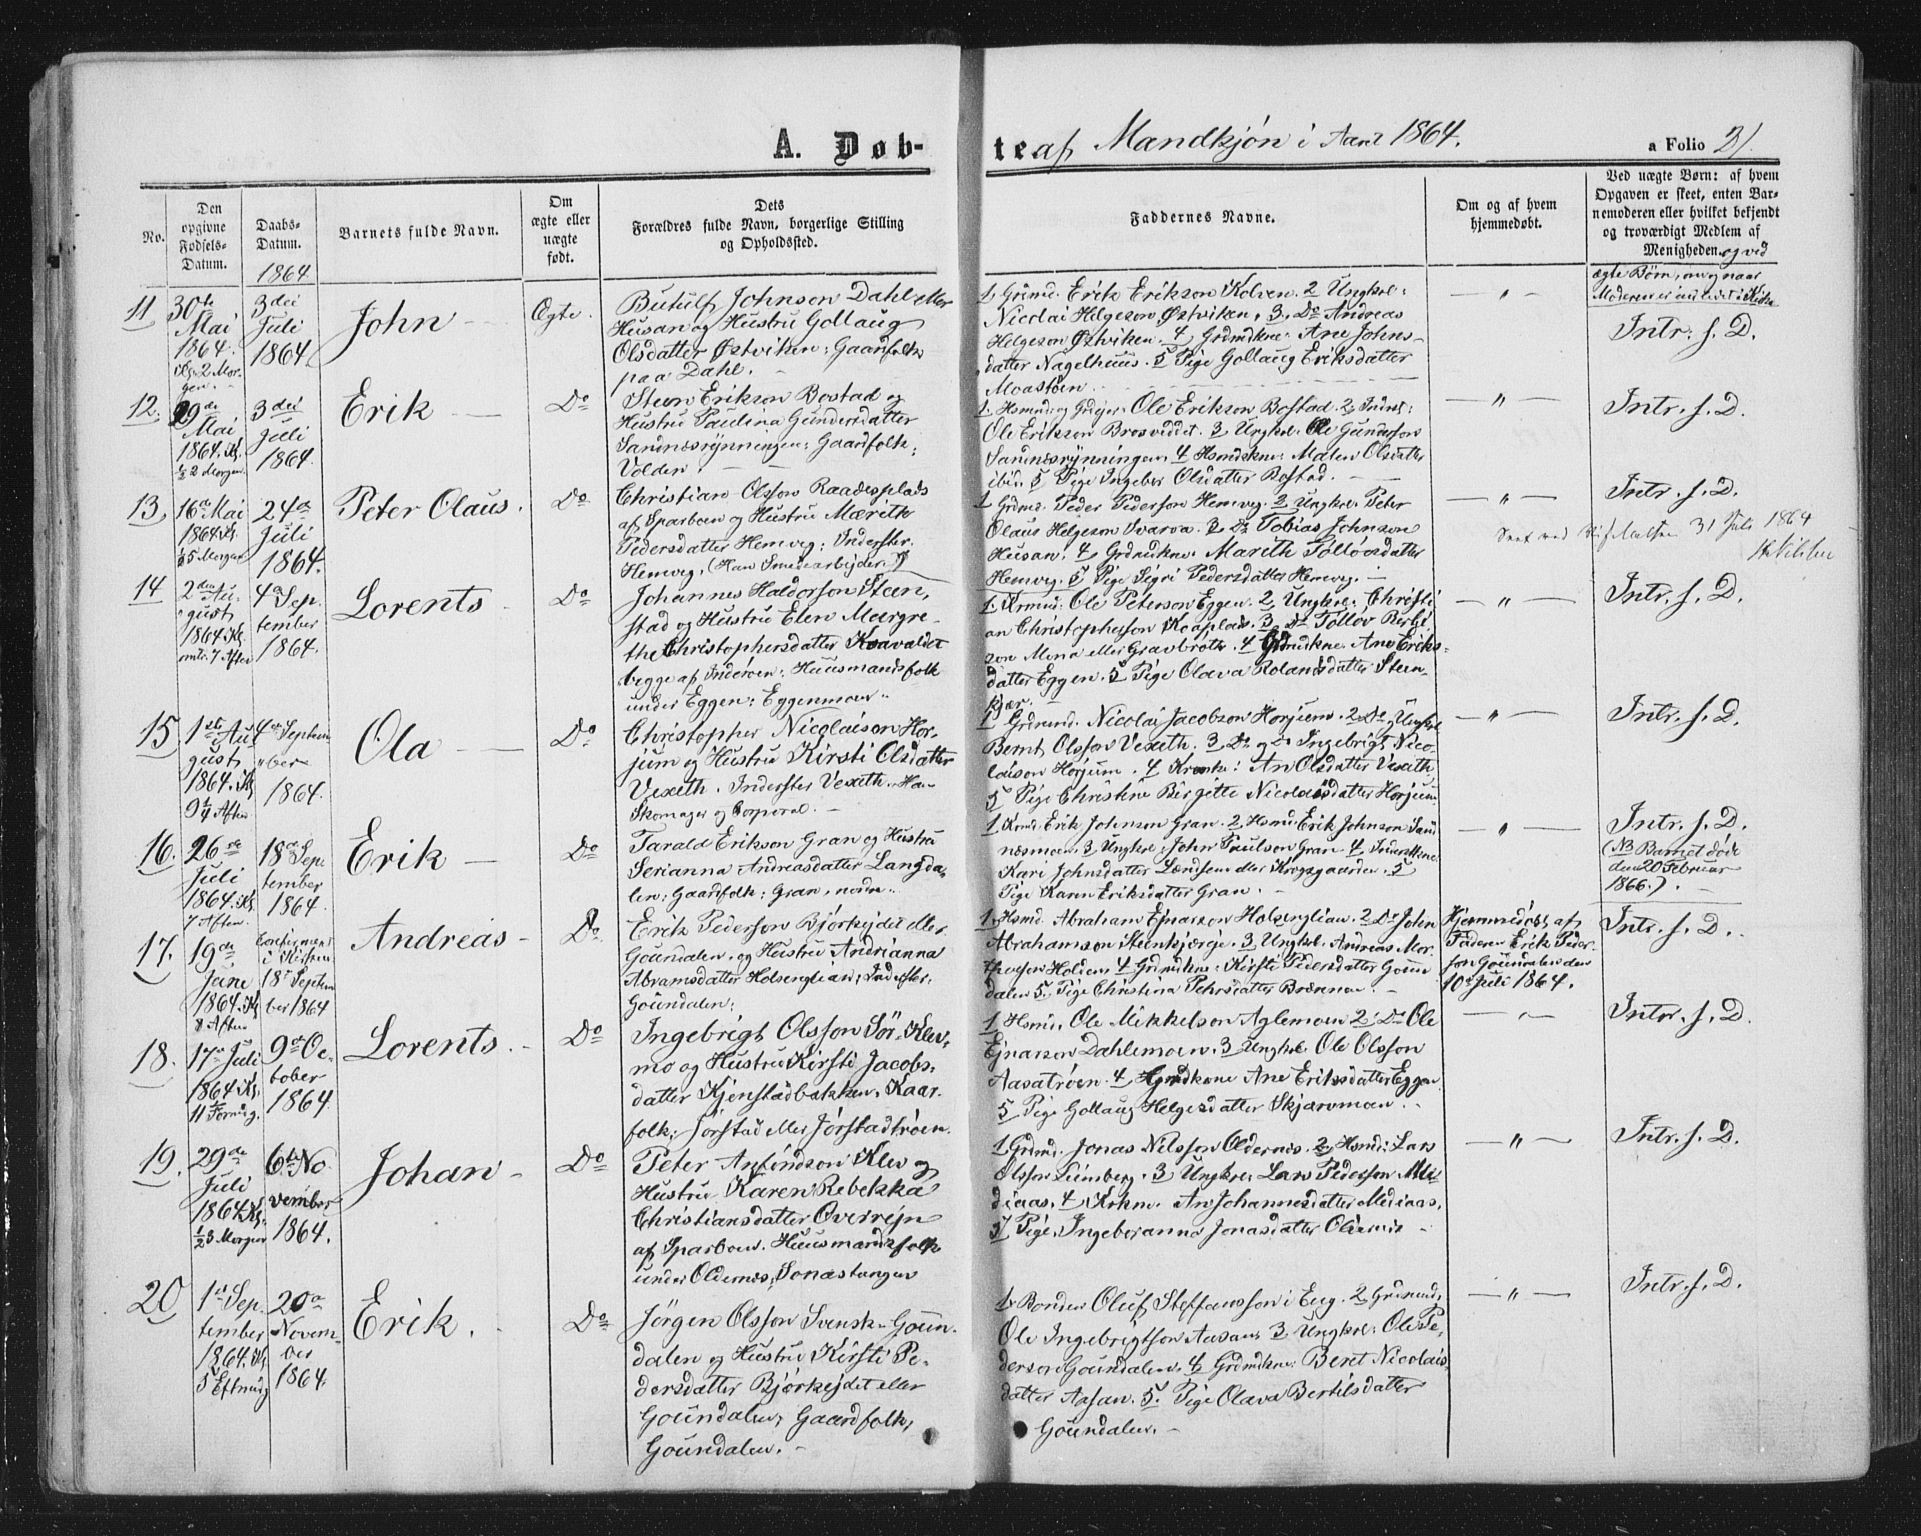 SAT, Ministerialprotokoller, klokkerbøker og fødselsregistre - Nord-Trøndelag, 749/L0472: Ministerialbok nr. 749A06, 1857-1873, s. 21